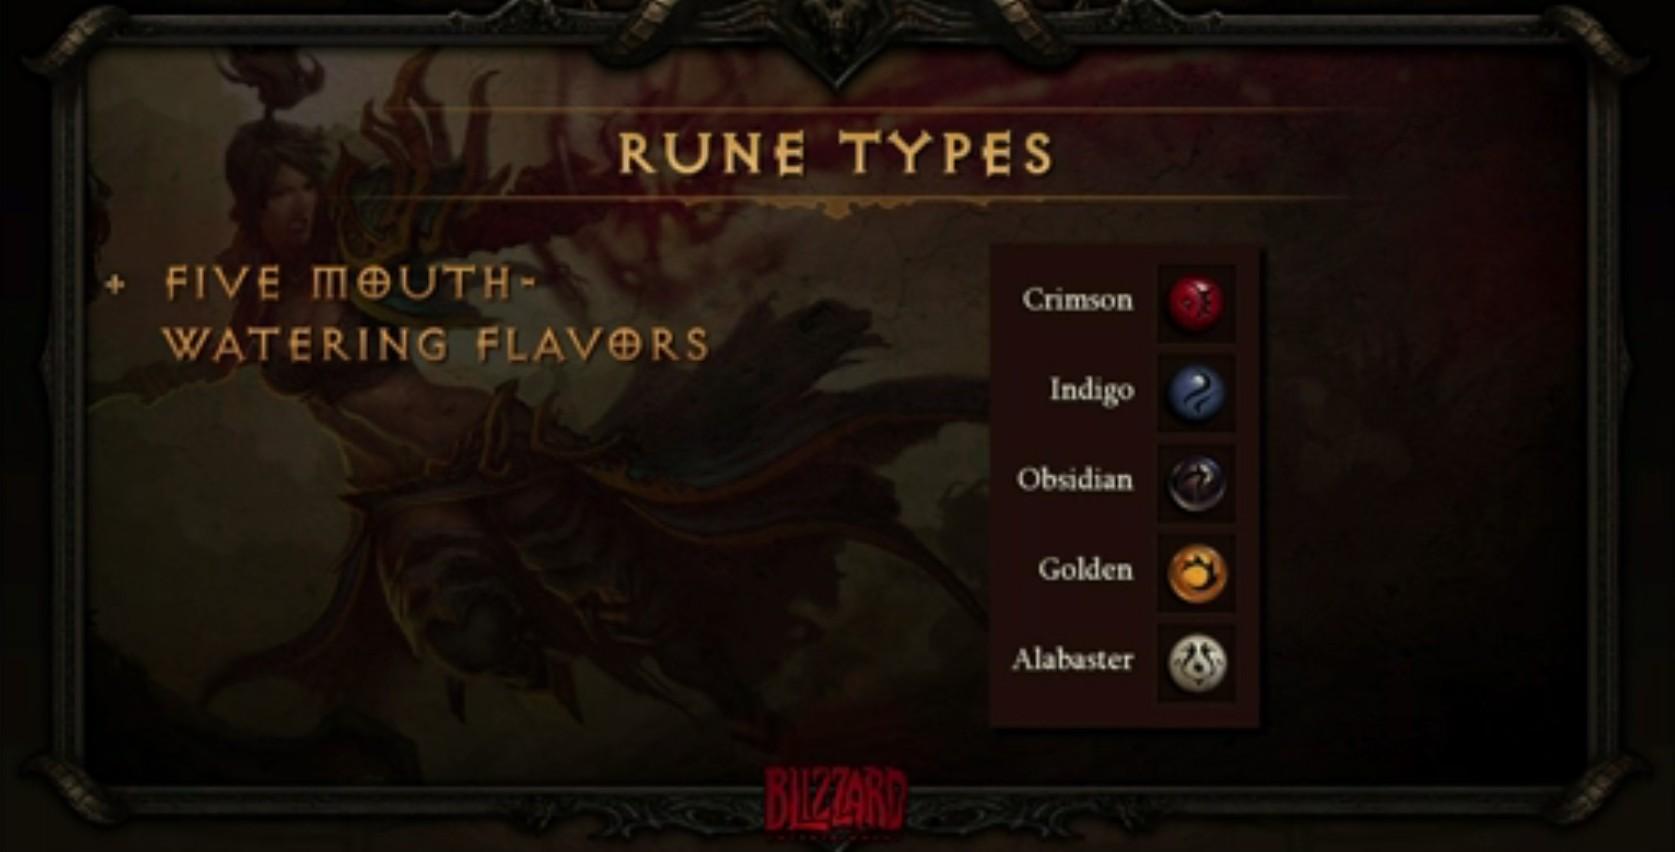 В Diablo III появится новая система рун